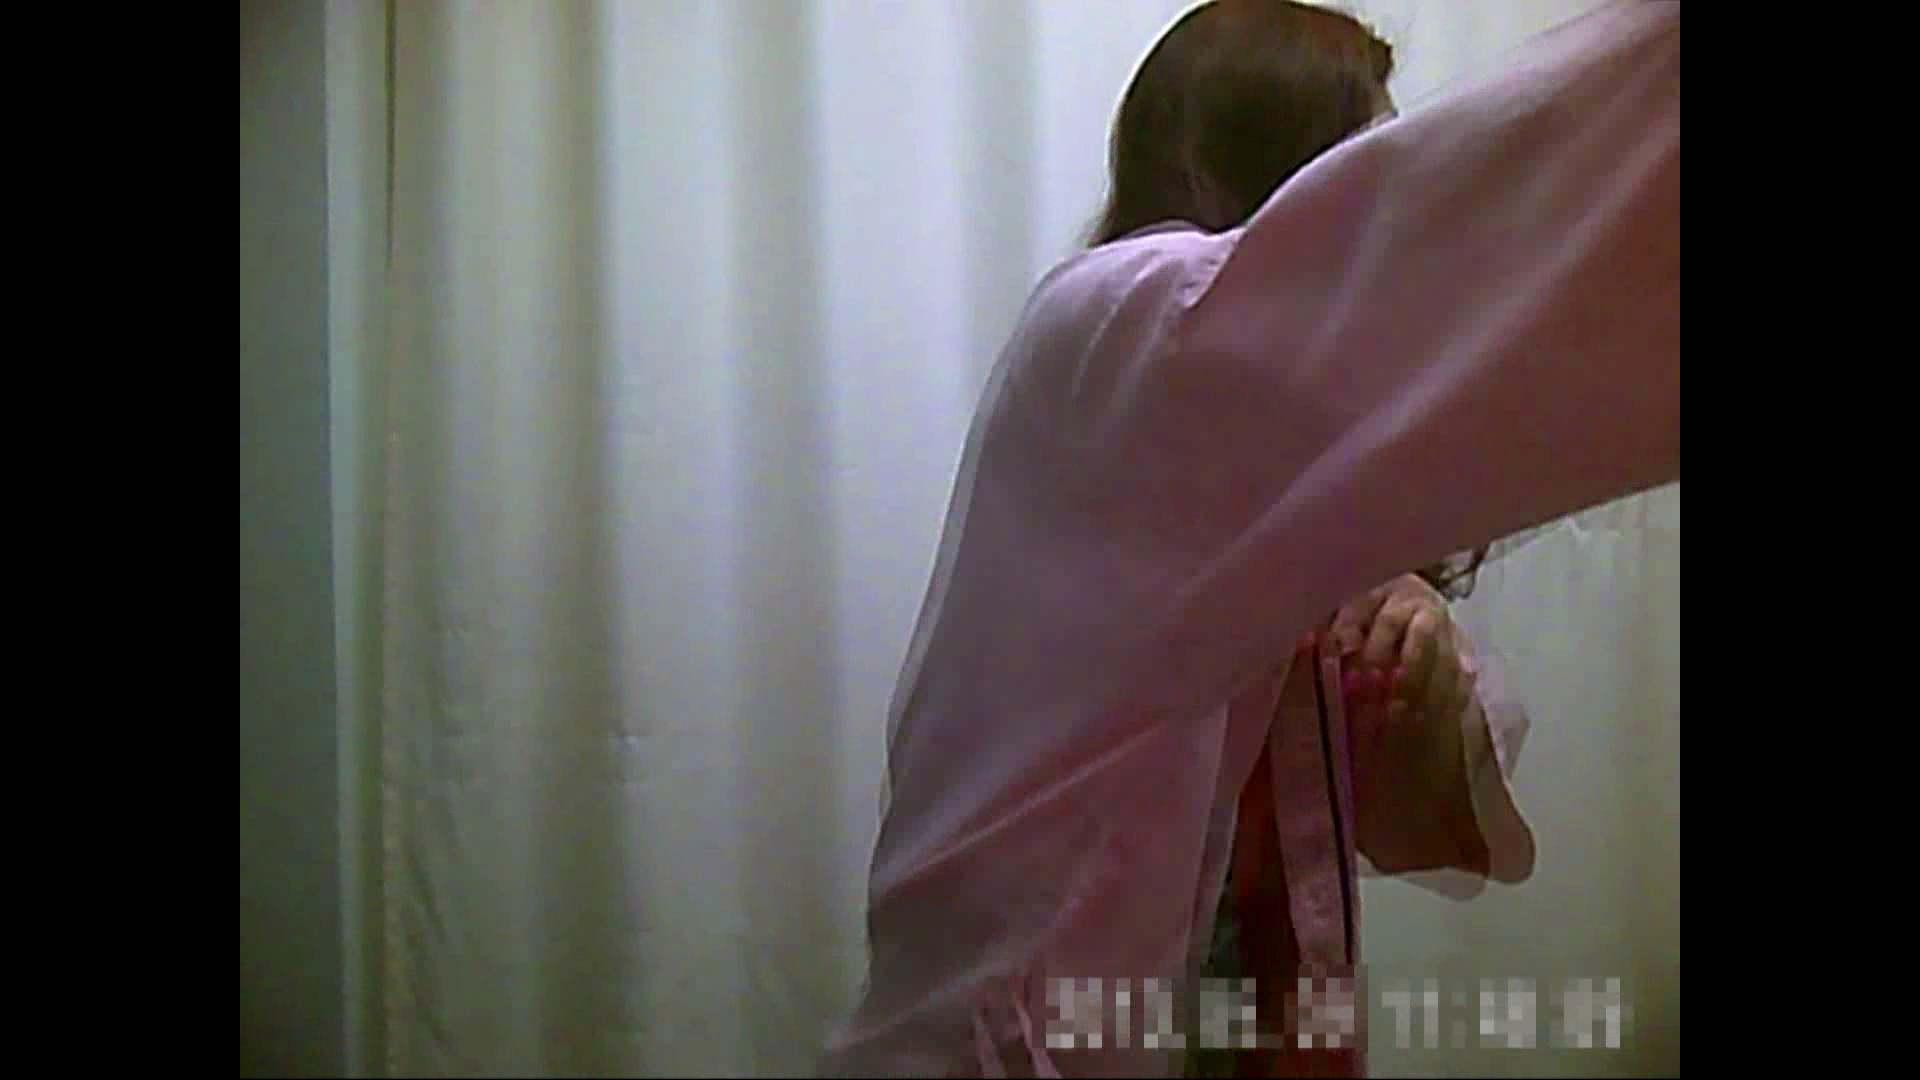 病院おもいっきり着替え! vol.209 巨乳 SEX無修正画像 84pic 62